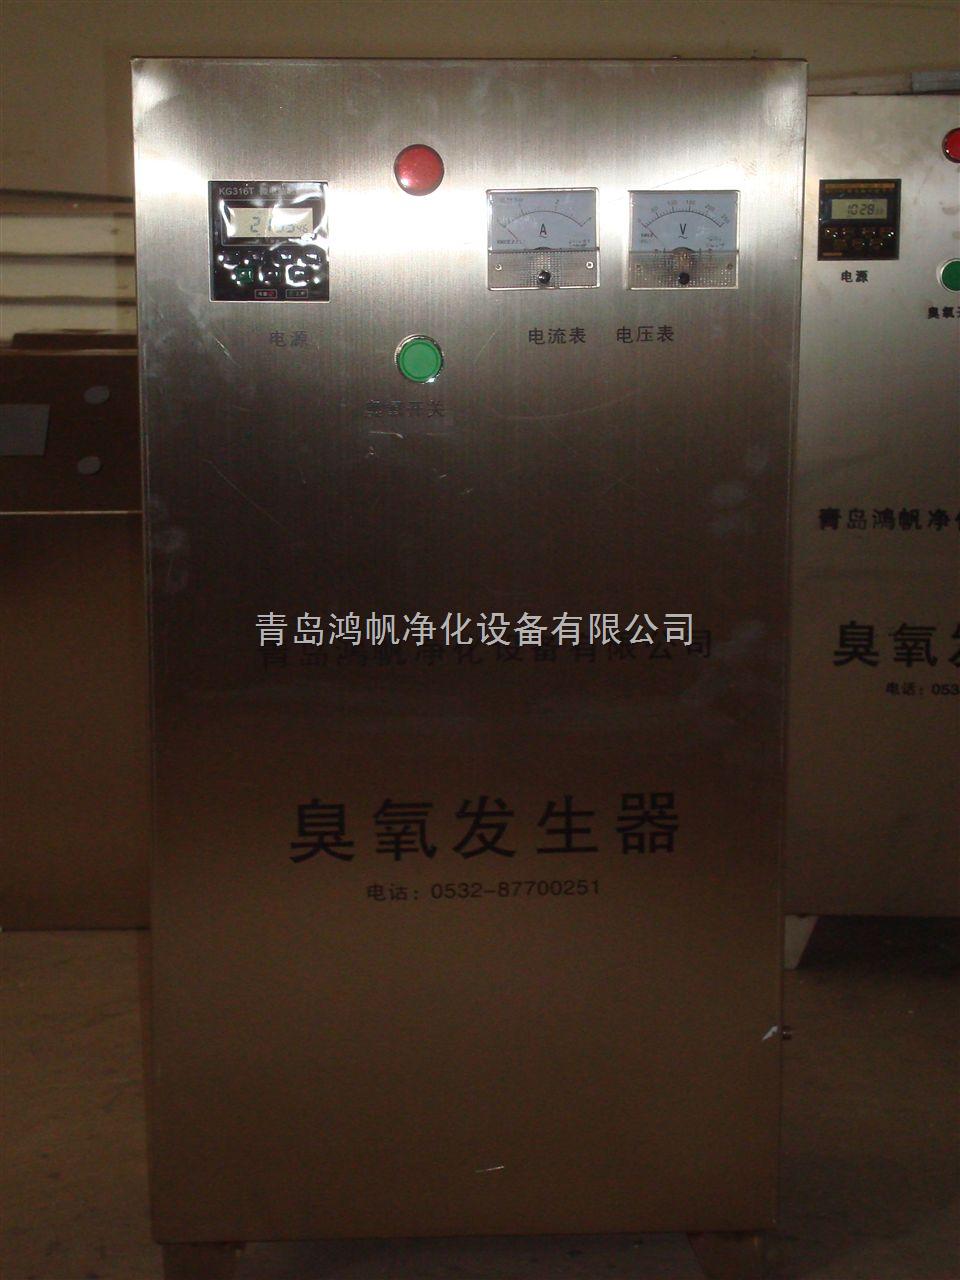 臭氧机厂,臭氧机厂商